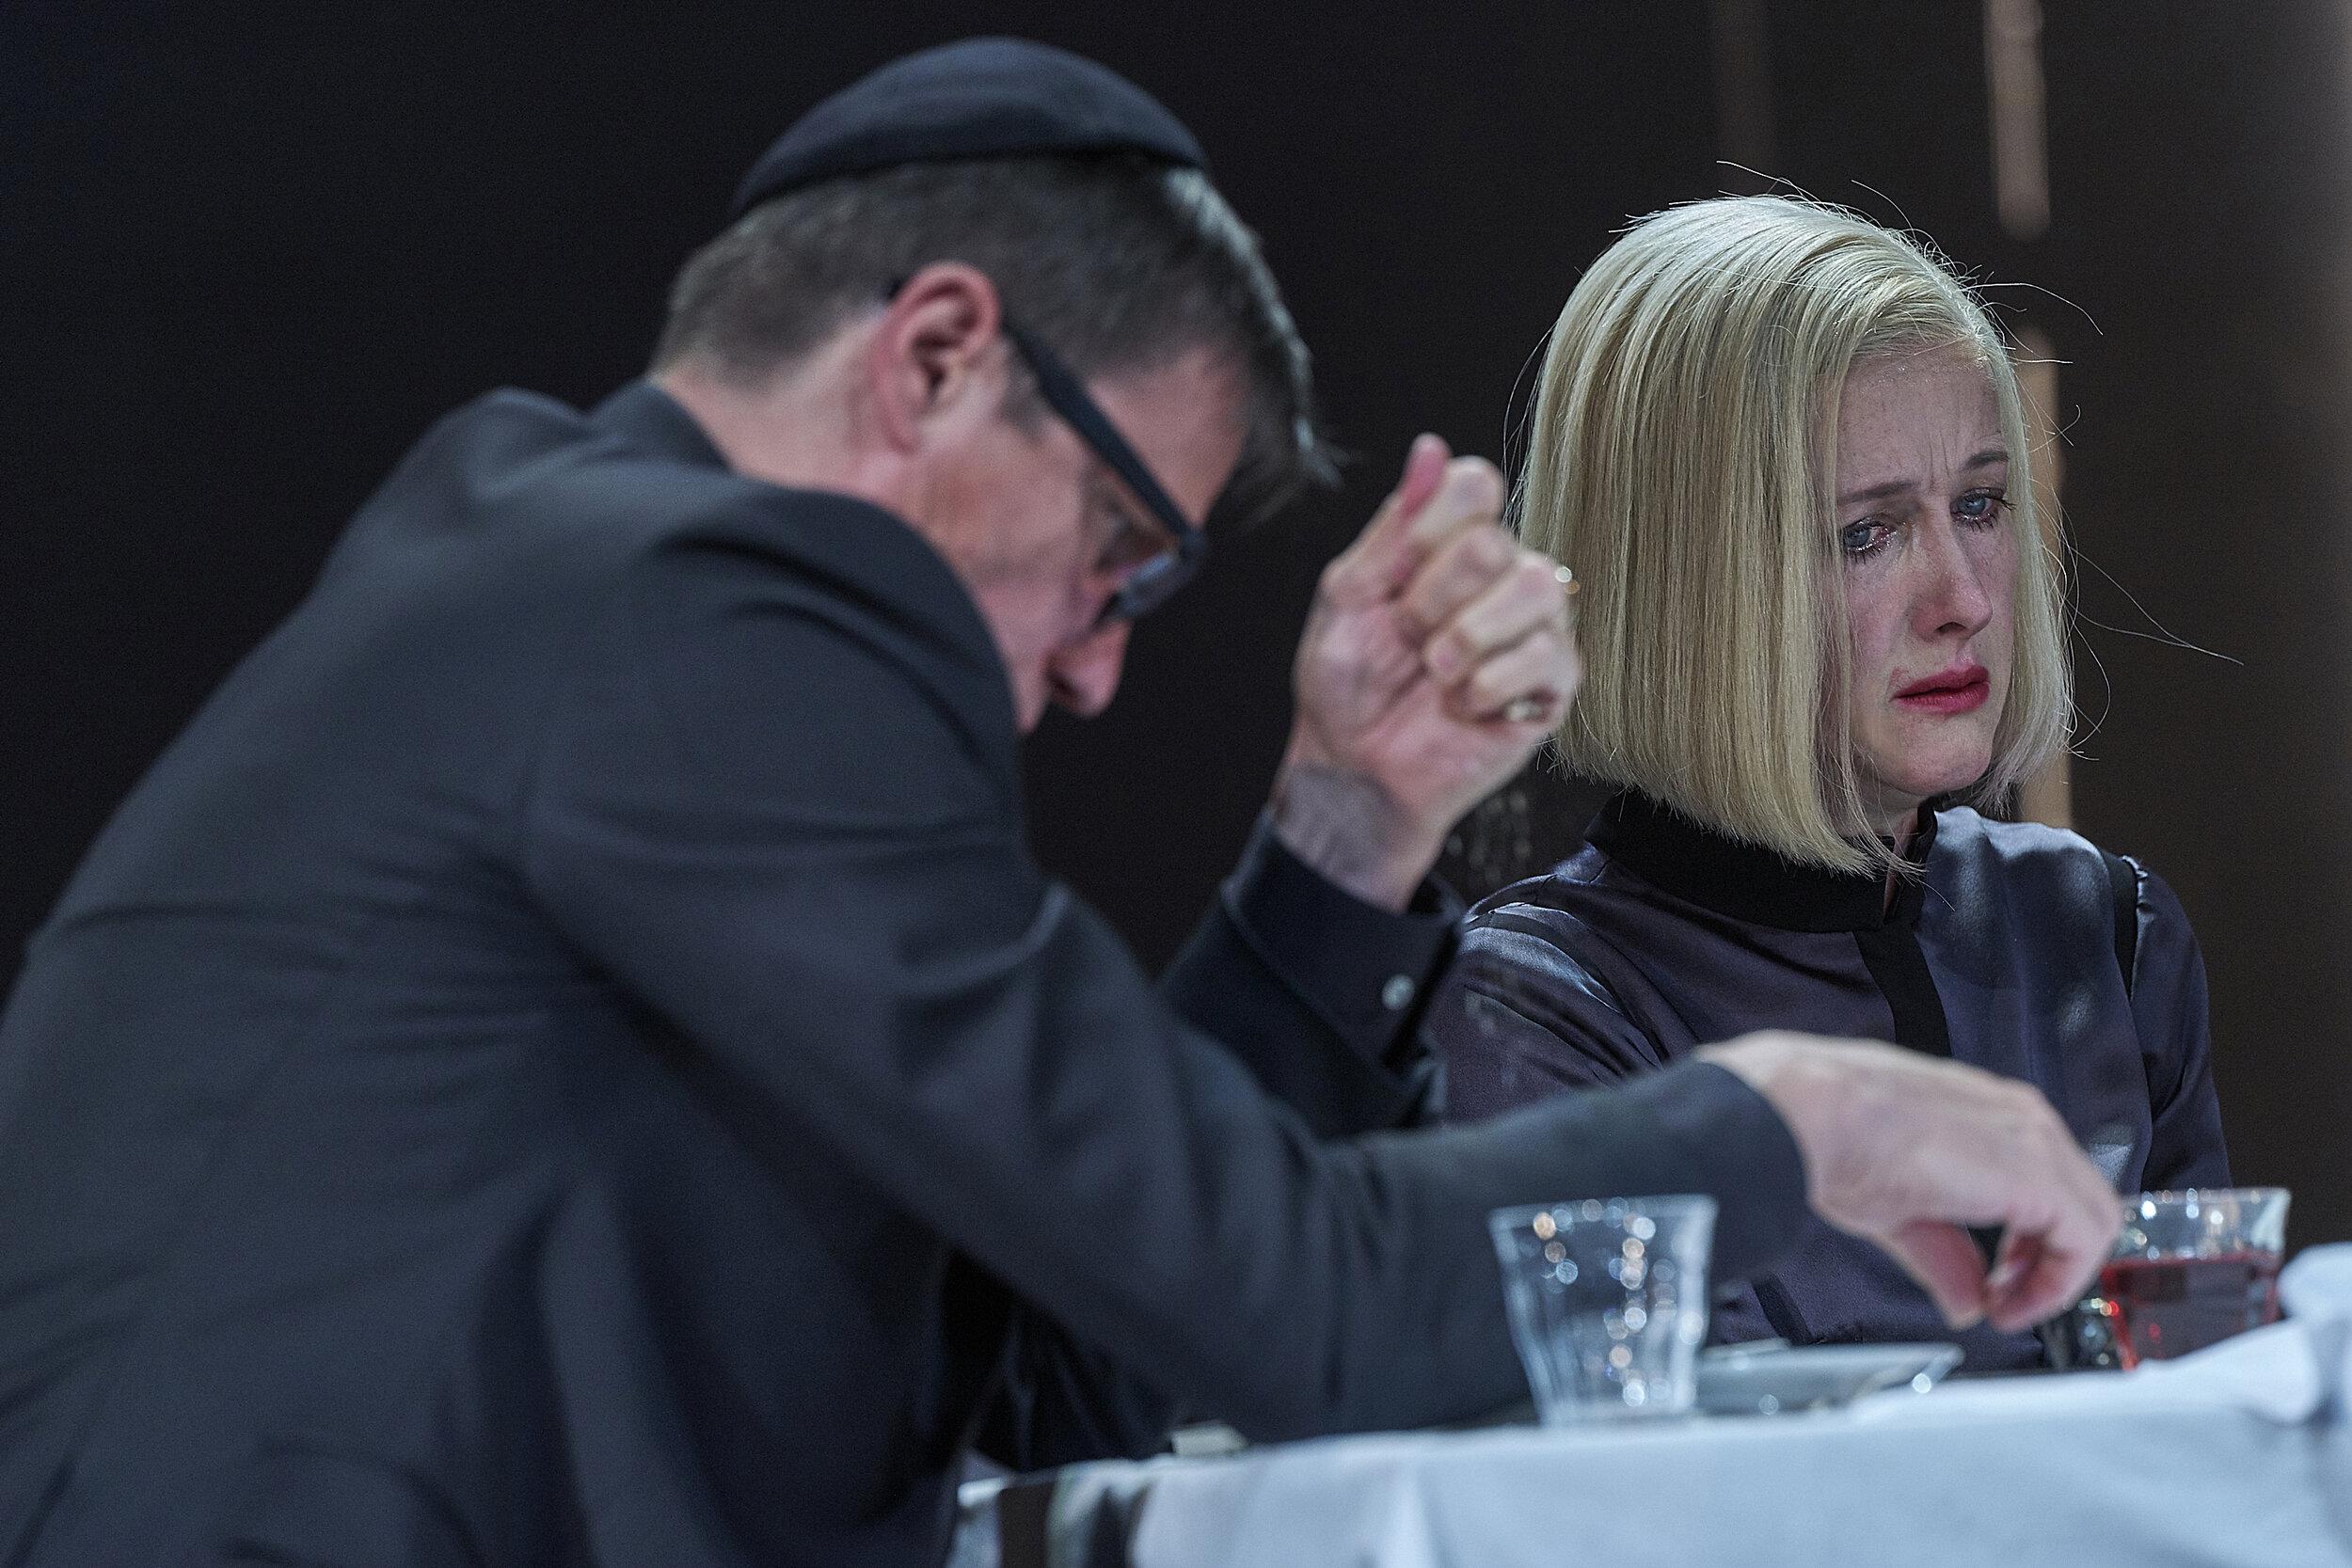 Bemerkenswert: Markus Scheumann als Israeli, Sabine Haupt als seine ostdeutsche Frau © Matthias Horn/Burgtheater